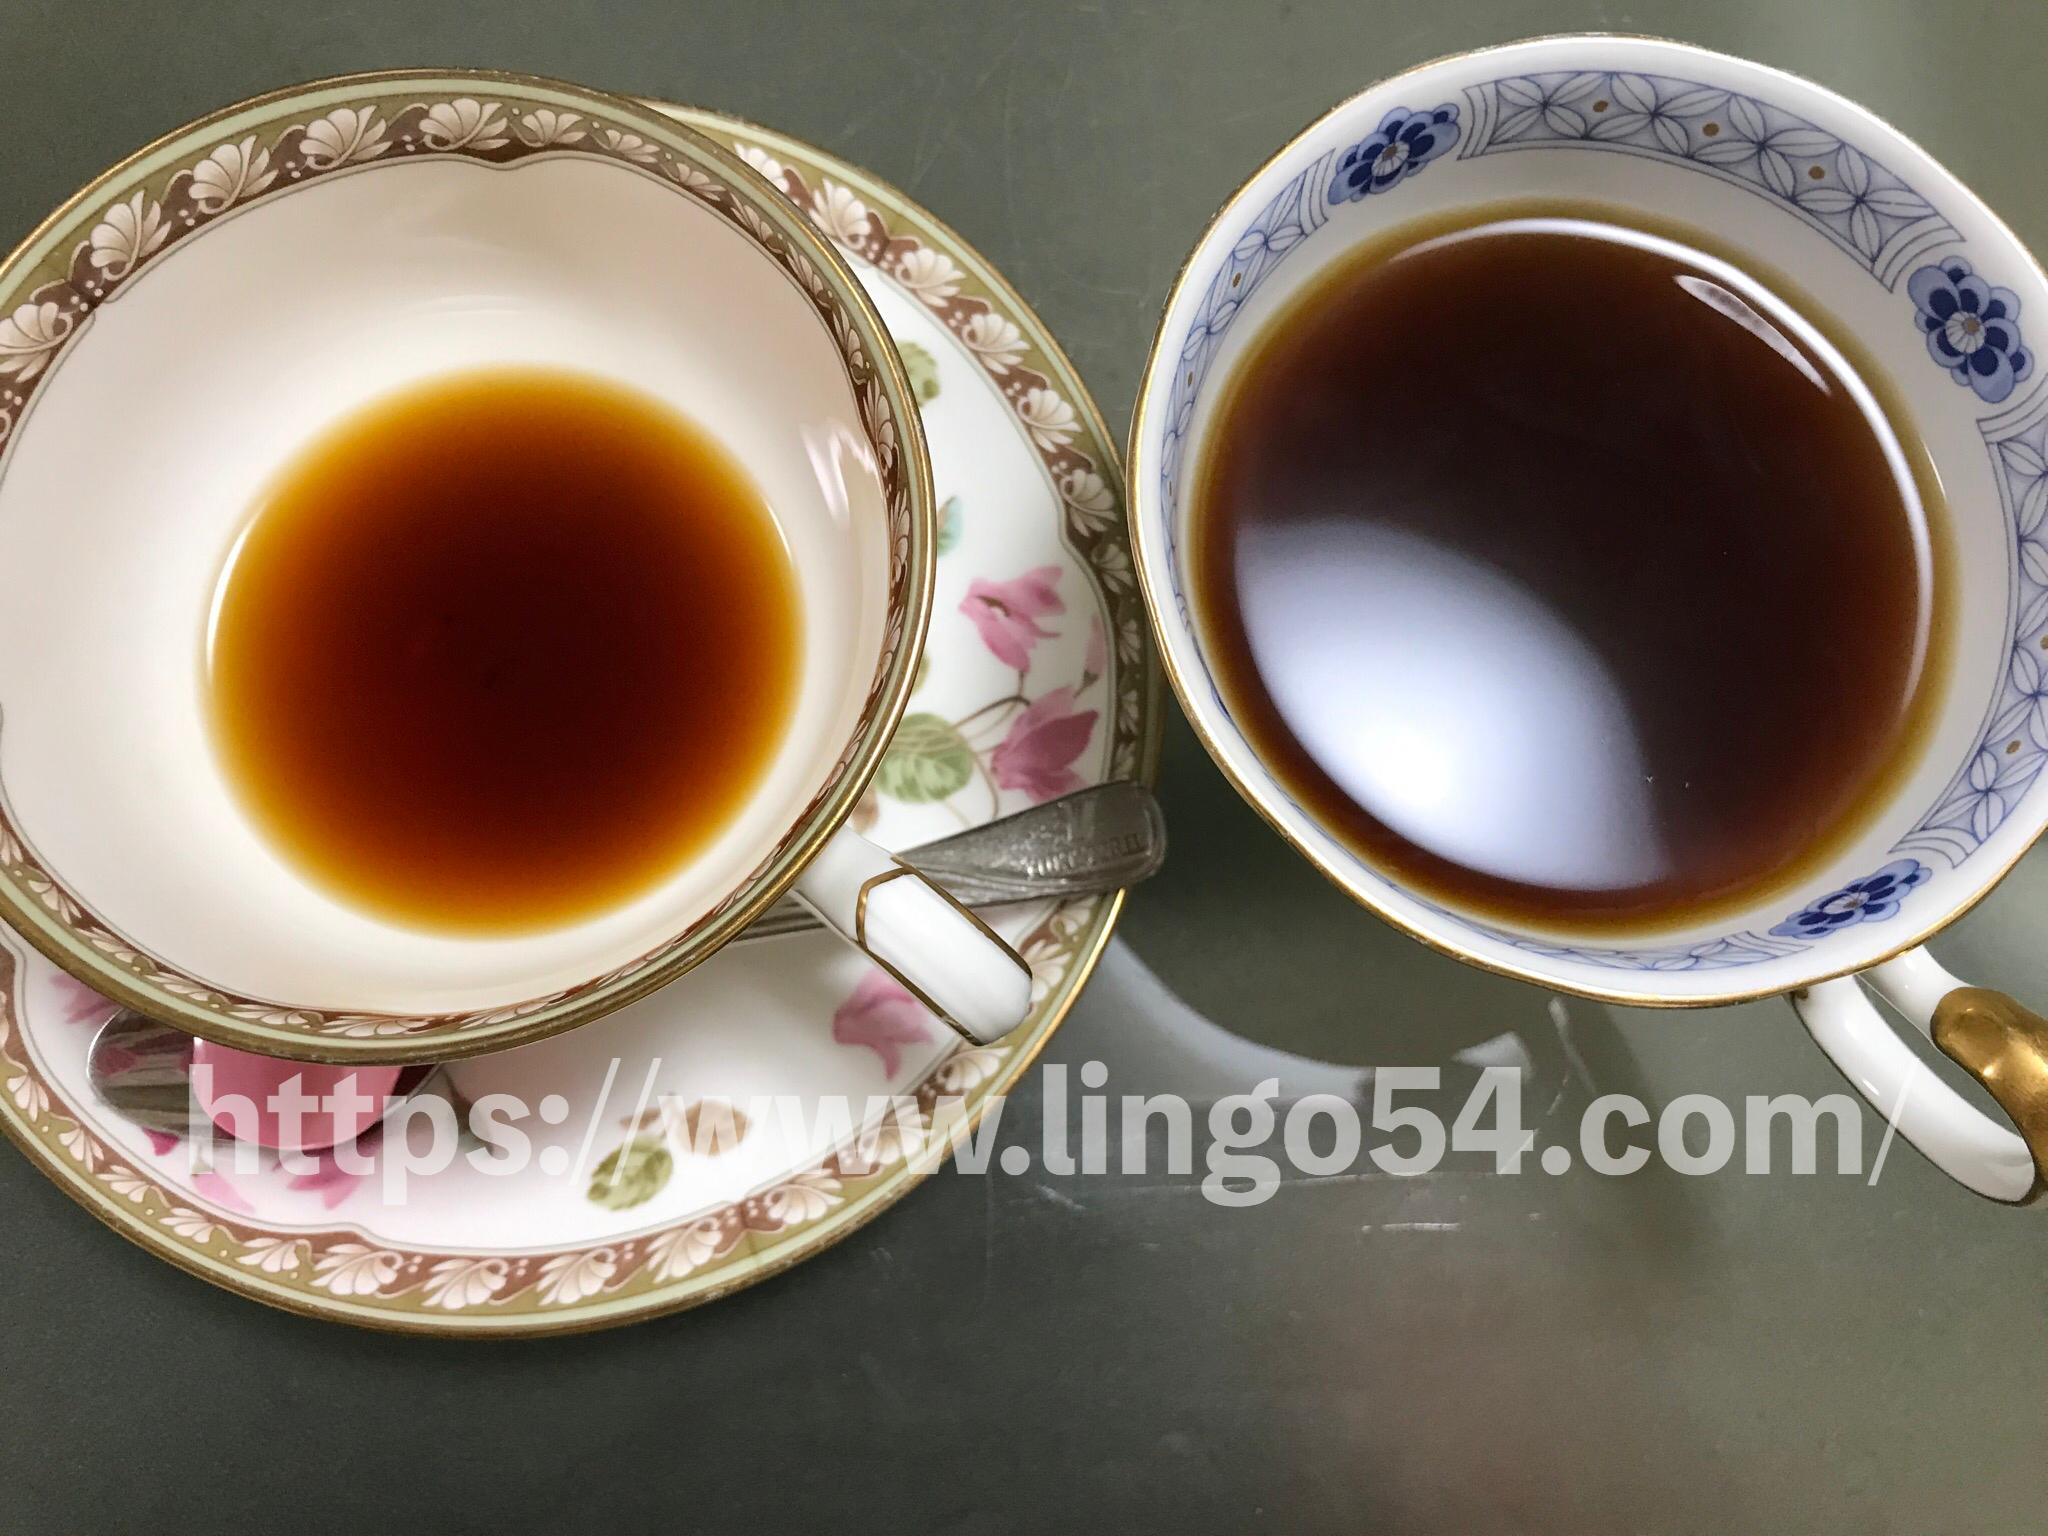 ウンコから取れる世界一の高級コーヒー コピ ルアクを飲んでみた りんごのさら Lingo No Sala 2020 りんご コーヒー 桃